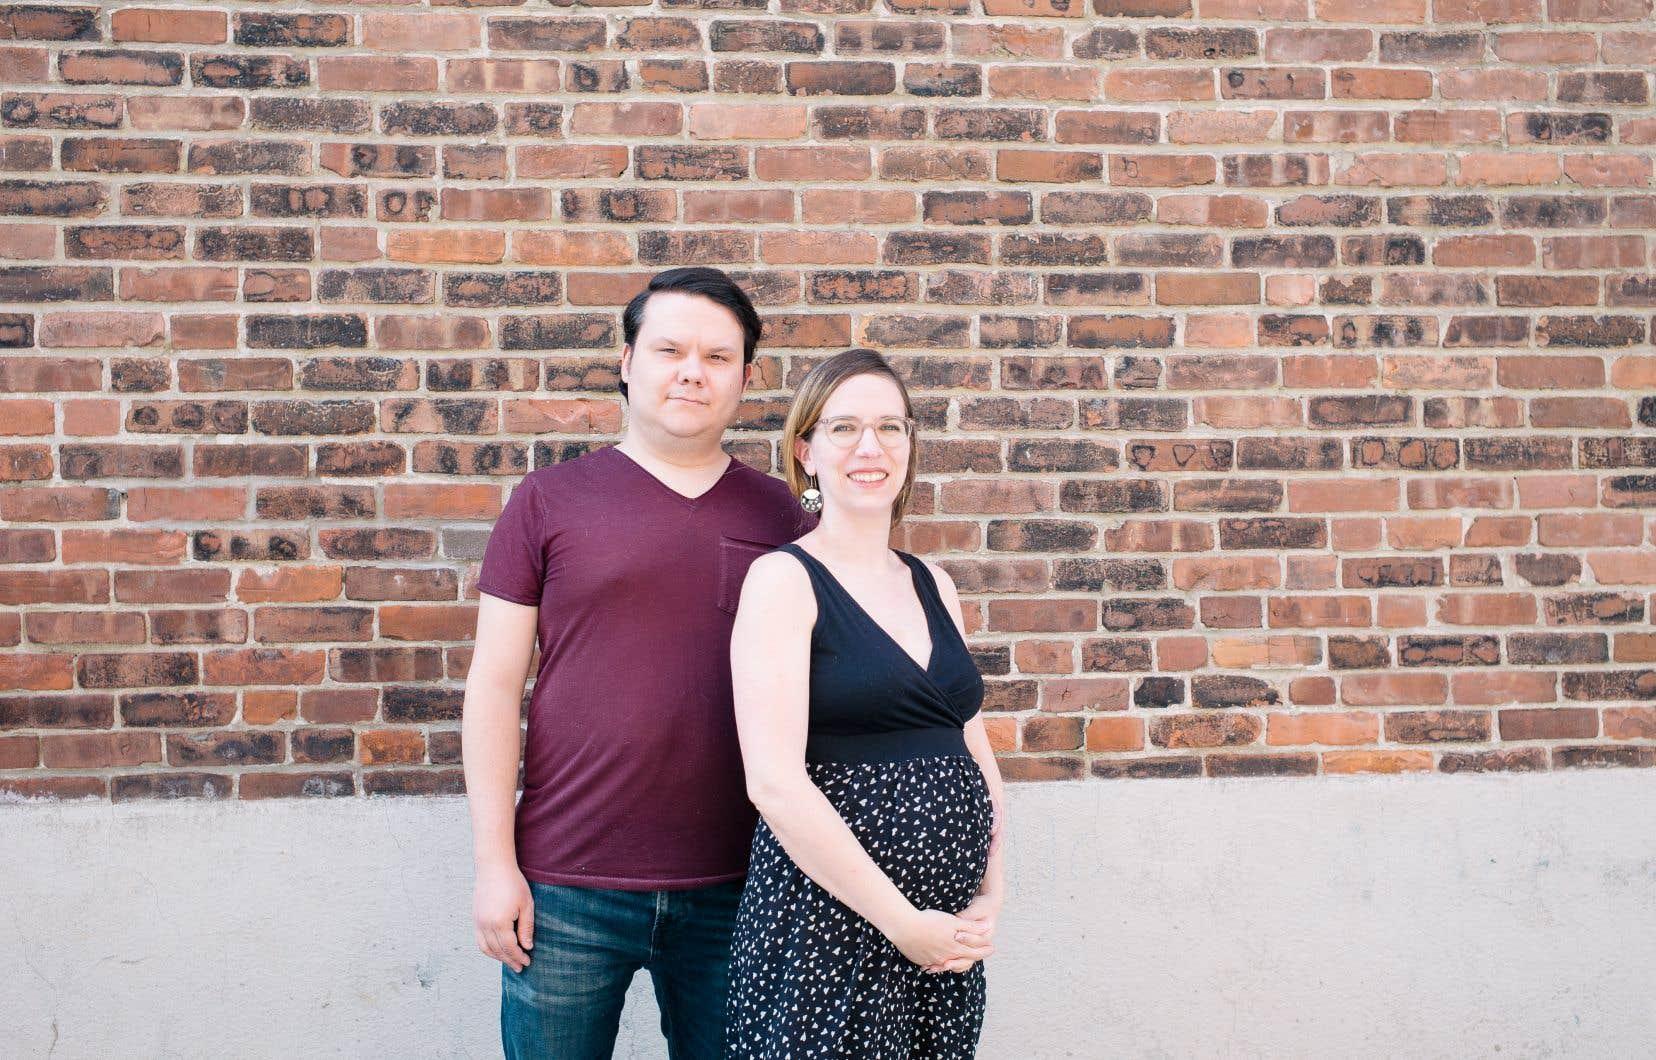 Fanie Grégoire est enceinte de son premier enfant. Anxieuse, elle a éclaté en sanglots quand on ne lui a pas permis de joindre son conjoint Frédéric Gemus par FaceTime dans la salle de radiologie.